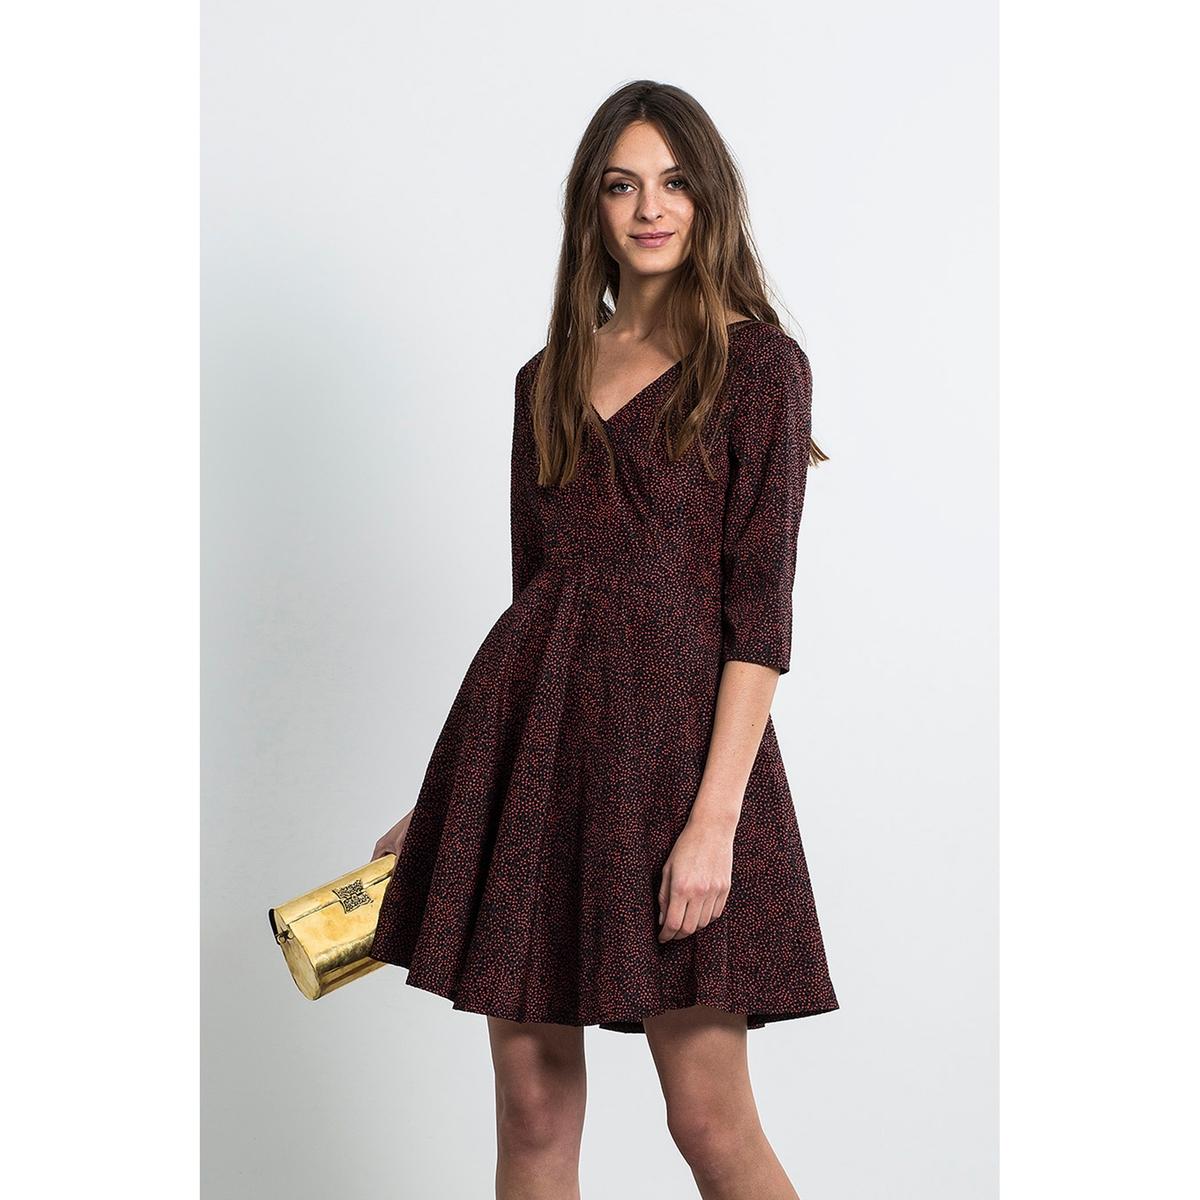 Платье расклешенное с рукавами 3/4, DENA BURDEOS DRESSСостав и описание:Материал: 100% полиэстера.Марка: COMPANIA FANTASTICA.УходСтирать при 30° с вещами подобных цветов.Стирать и гладить с изнанки.<br><br>Цвет: бордовый<br>Размер: L